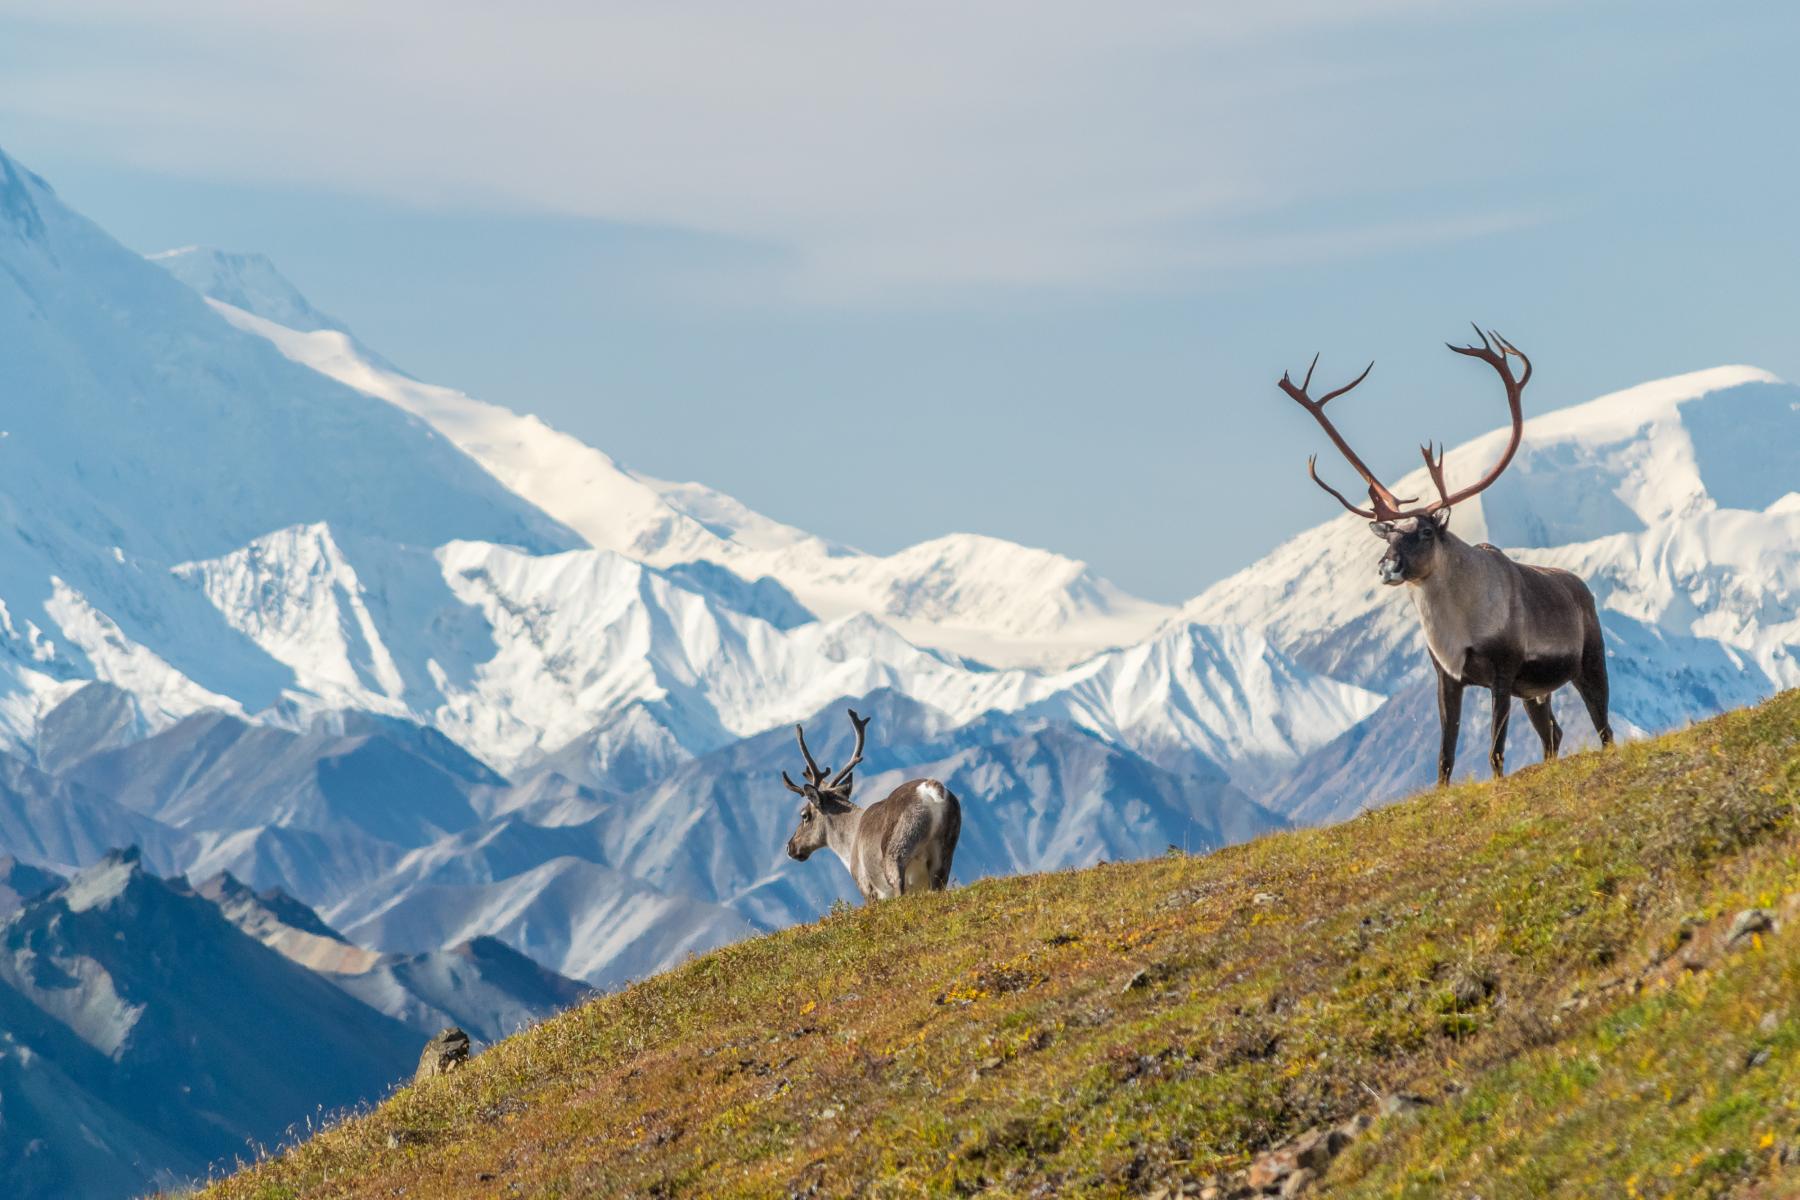 Elk spotting in Denali National Park, Alaska